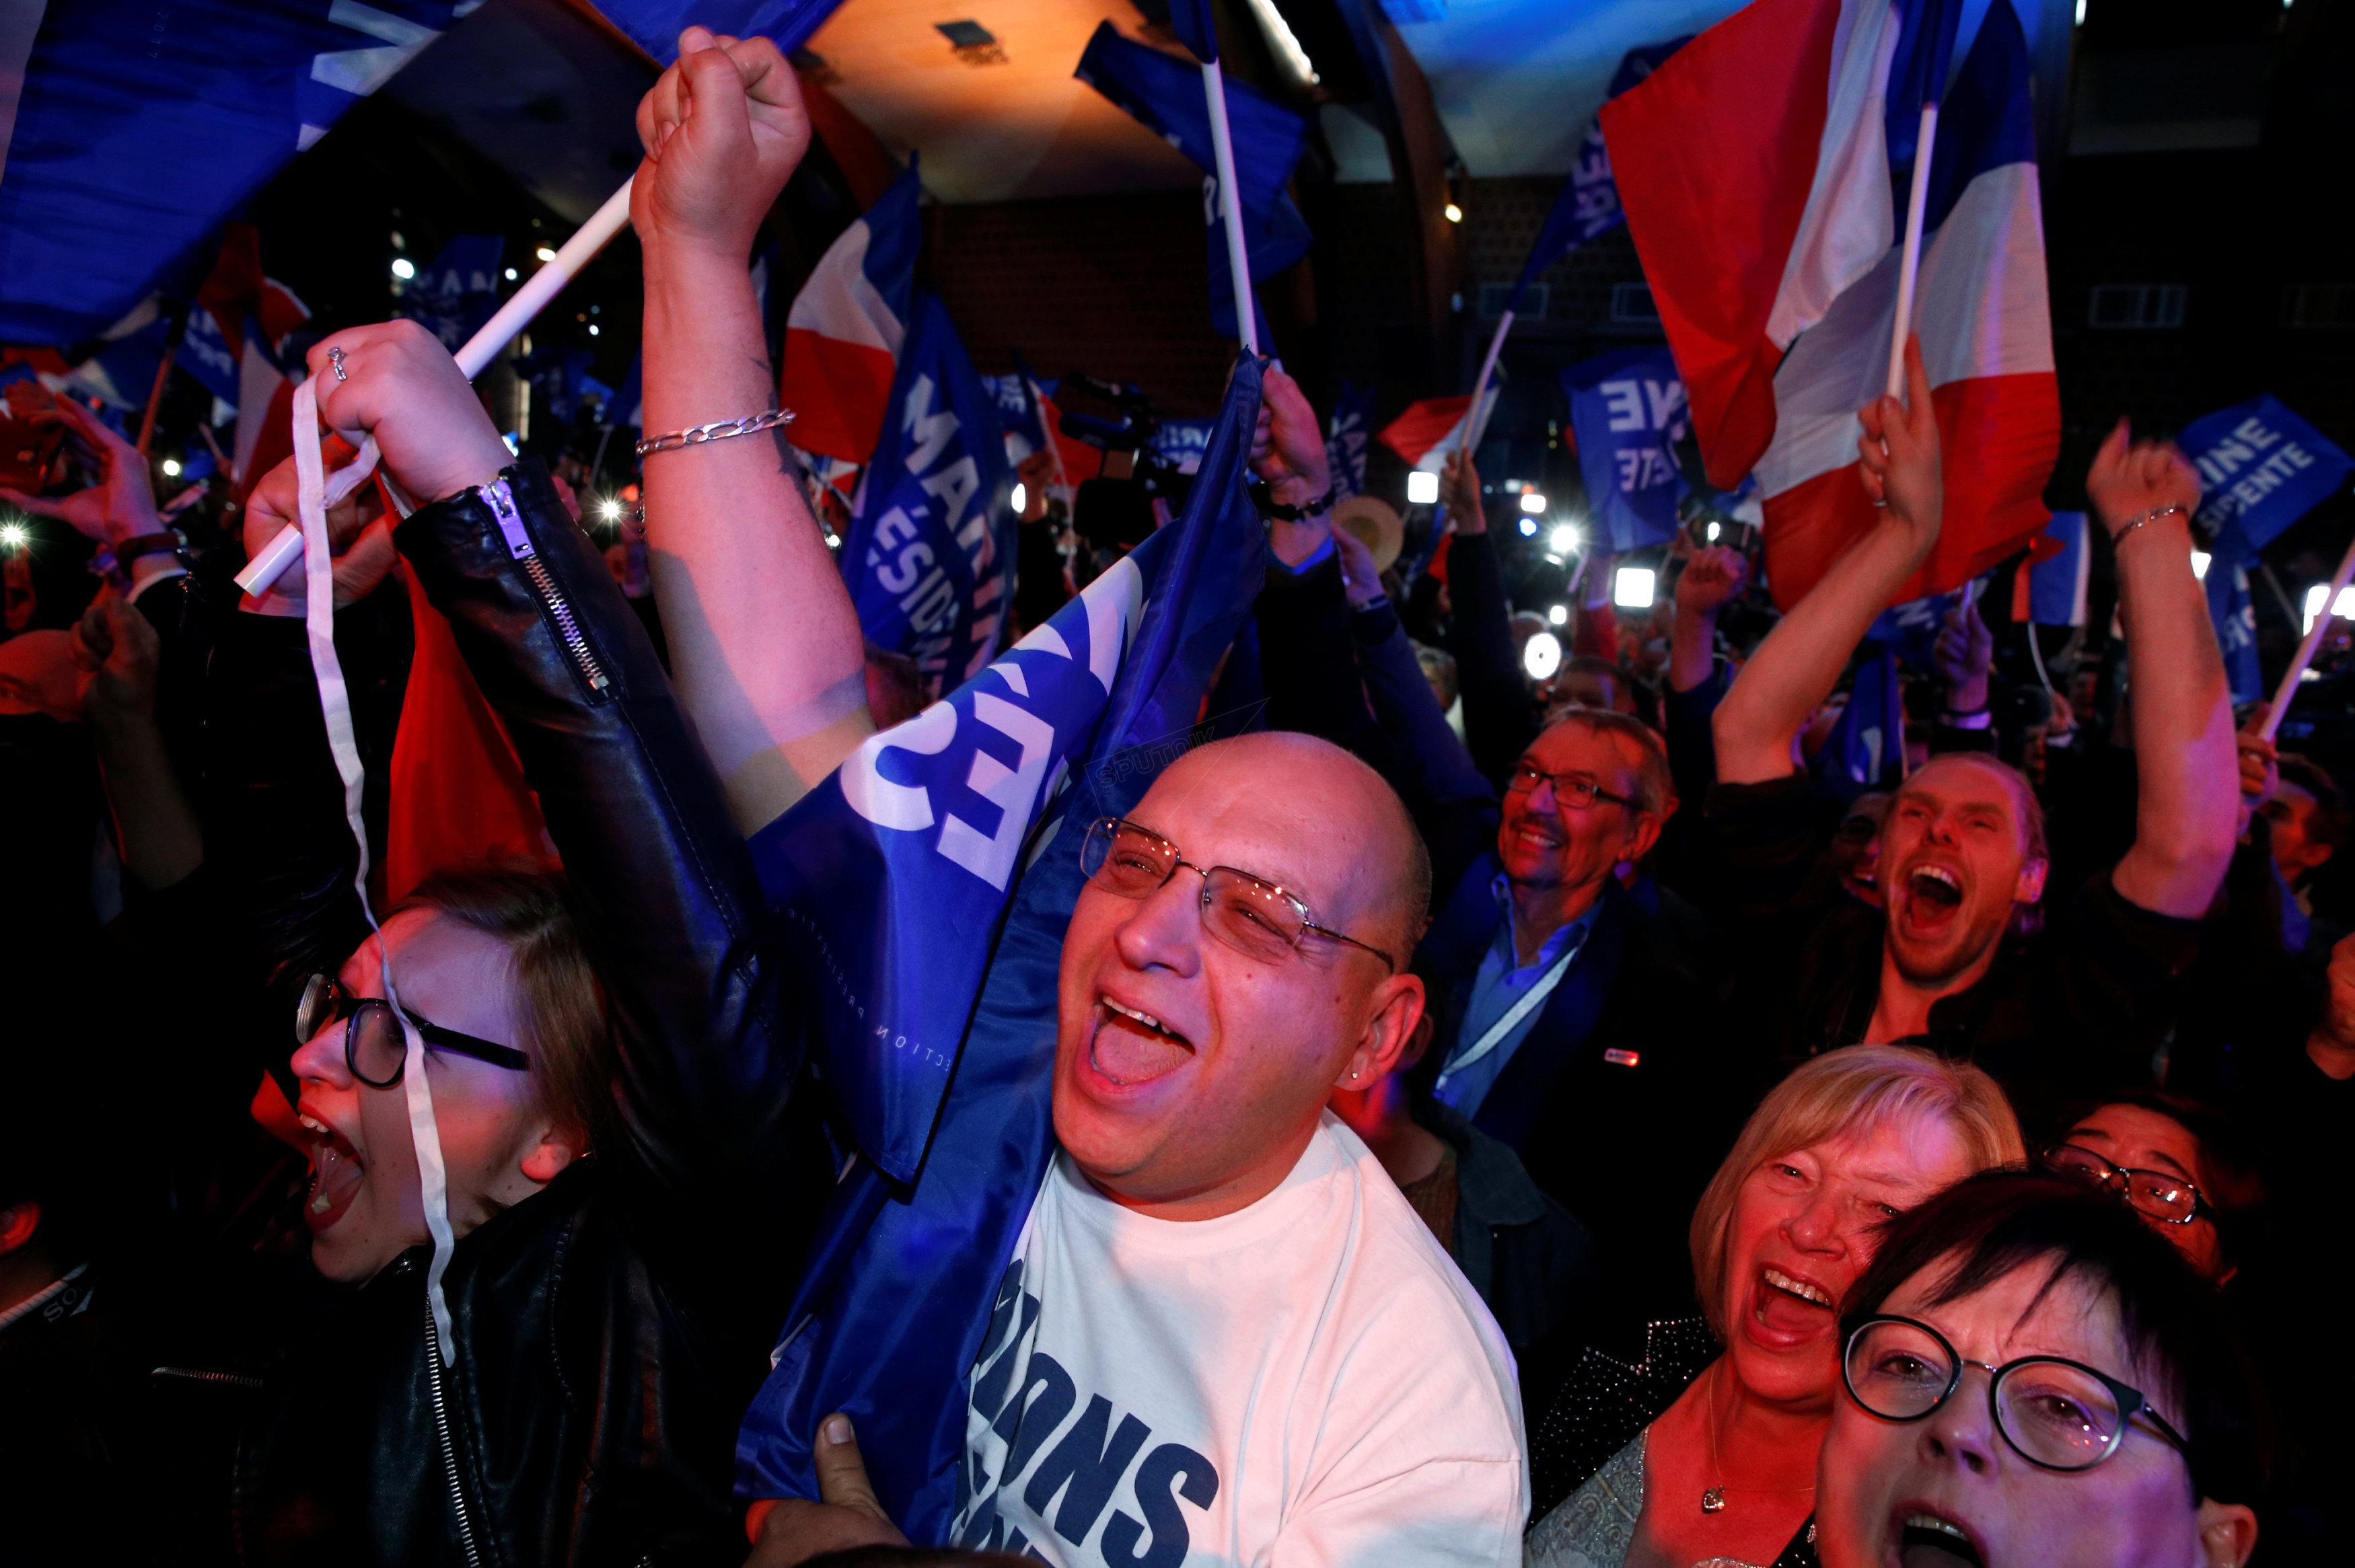 Os partidários de Marine Le Pen, líder da Frente Nacional e candidata à eleição presidencial de 2017, reagem aos primeiros resultados do primeiro turno, em Henin-Beaumont, norte da França, 23 de abril de 2017. REUTERS / Pascal Rossignol